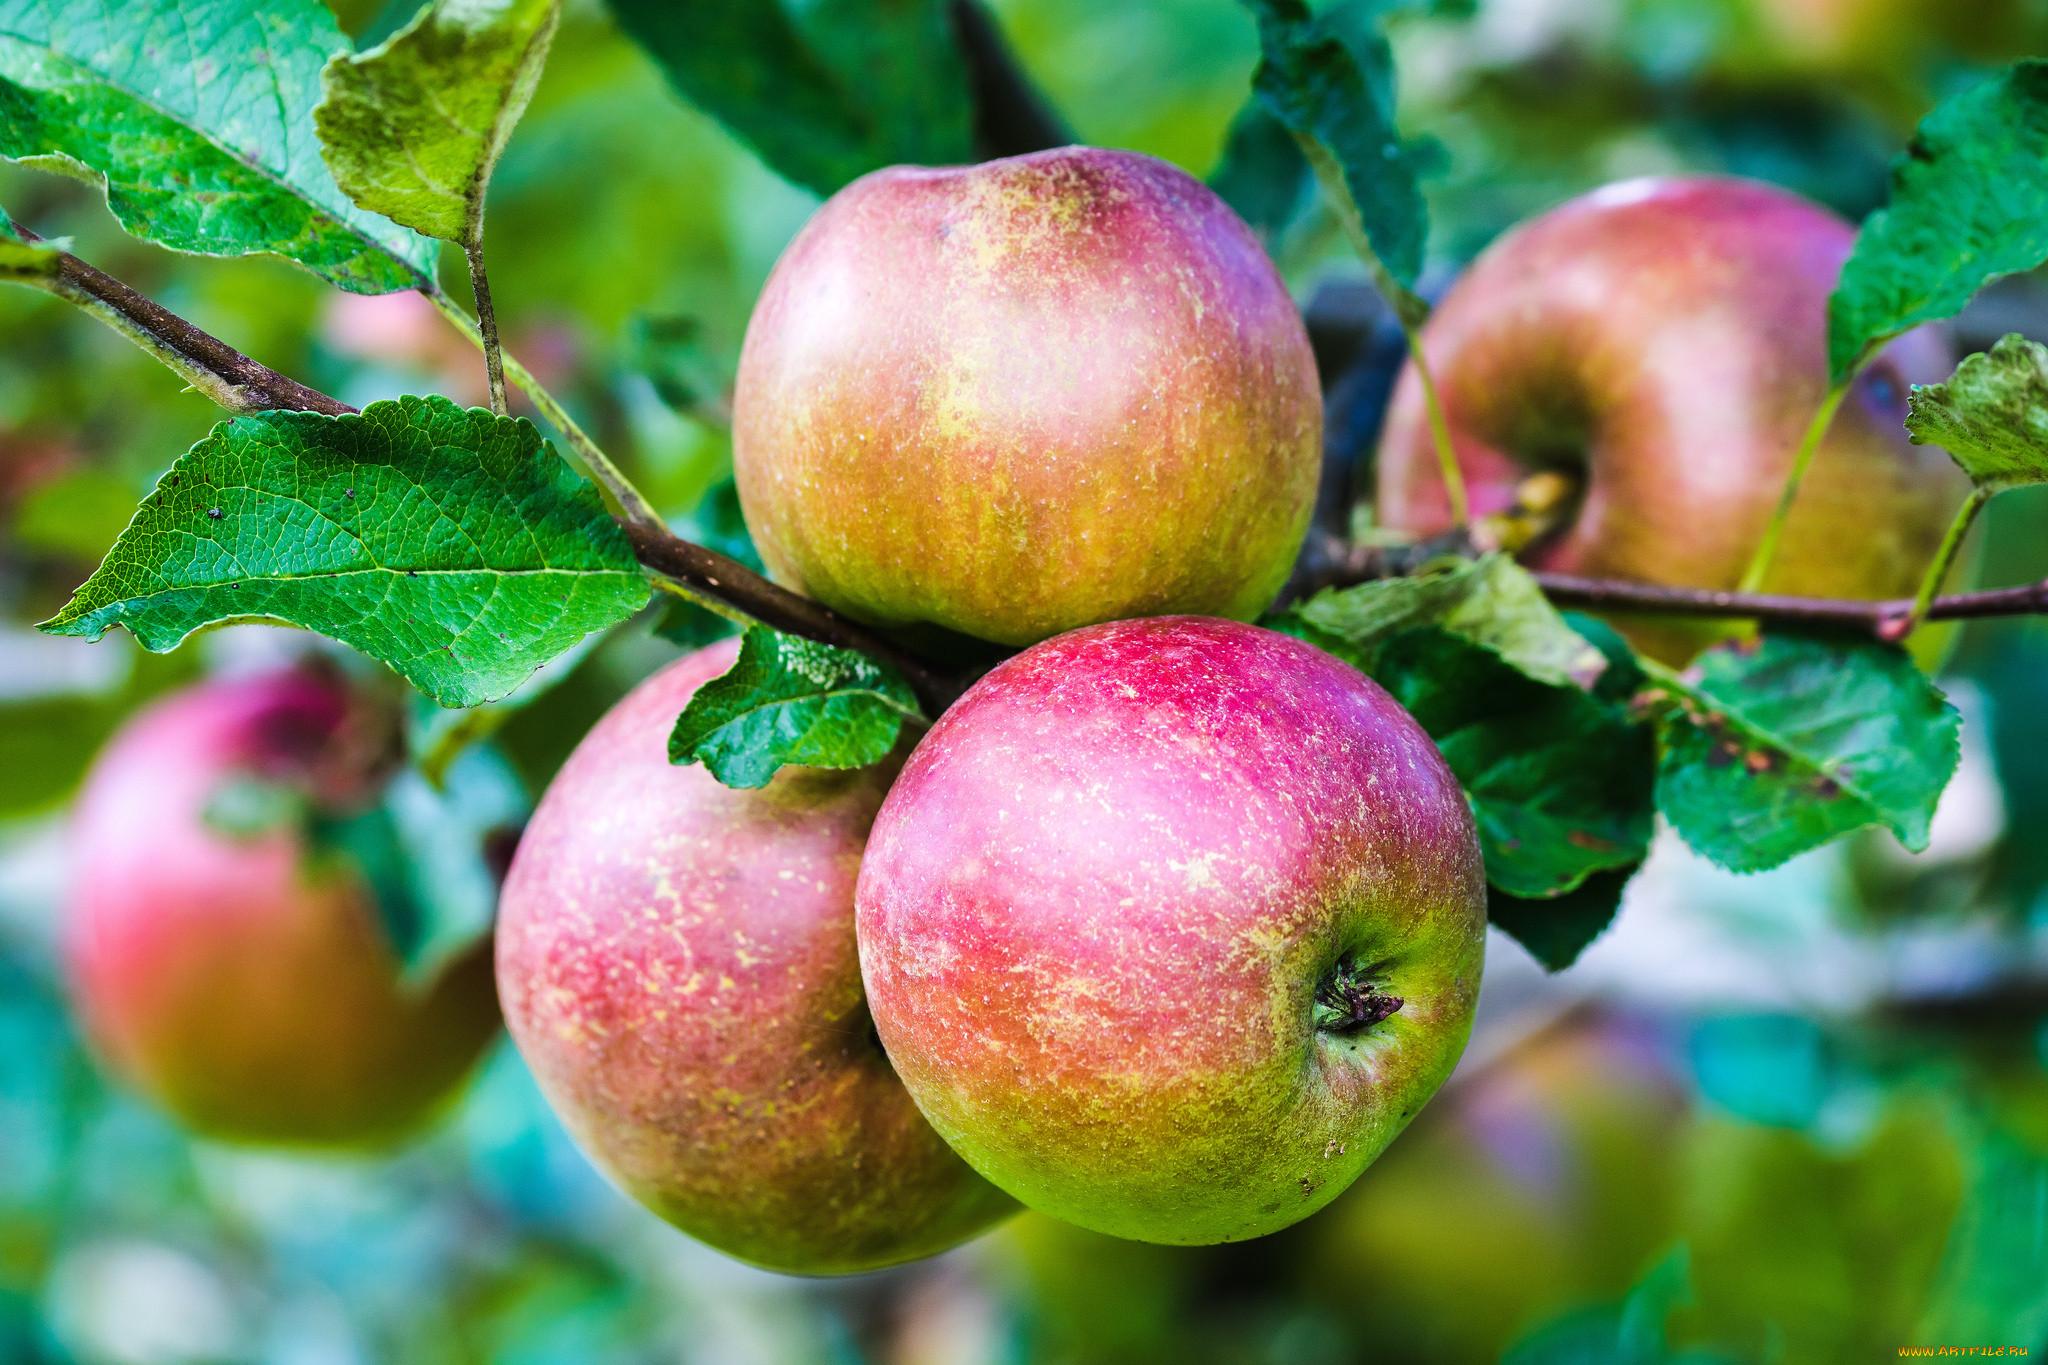 Варшава в бешенстве: Россия больше не будет покупать польские яблоки